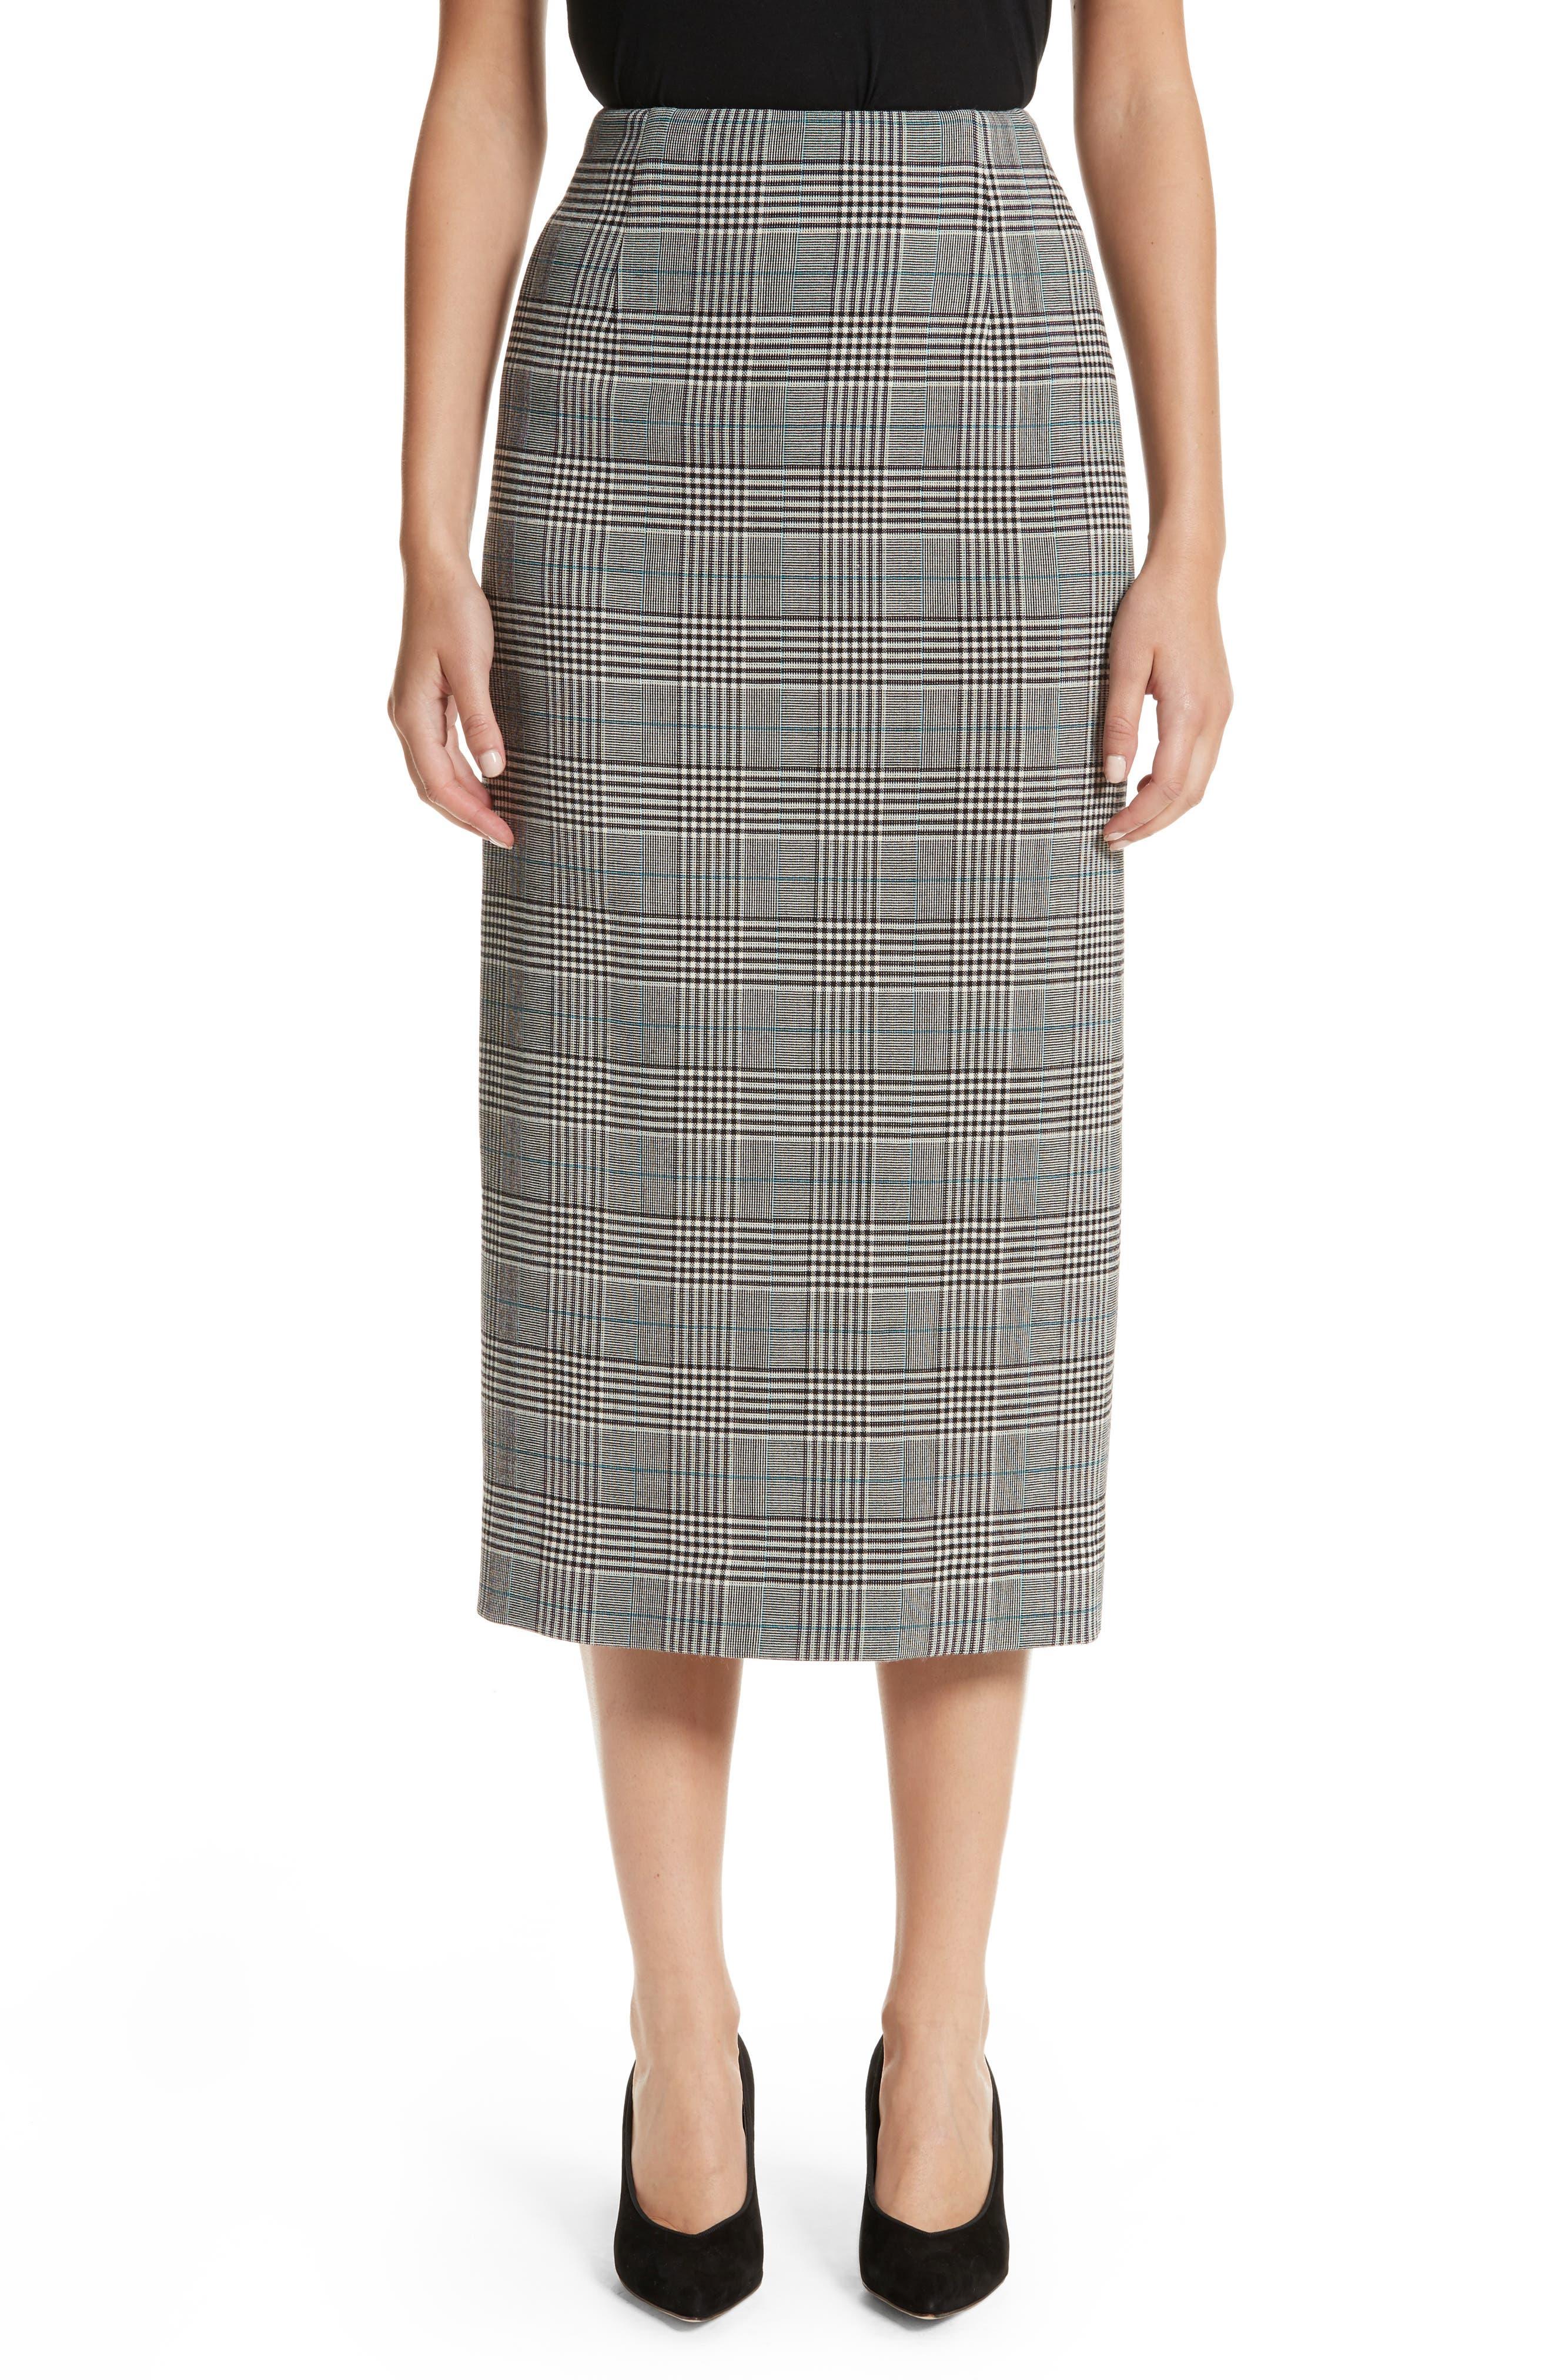 Victoria Beckham Prince of Wales High Waist Pencil Skirt